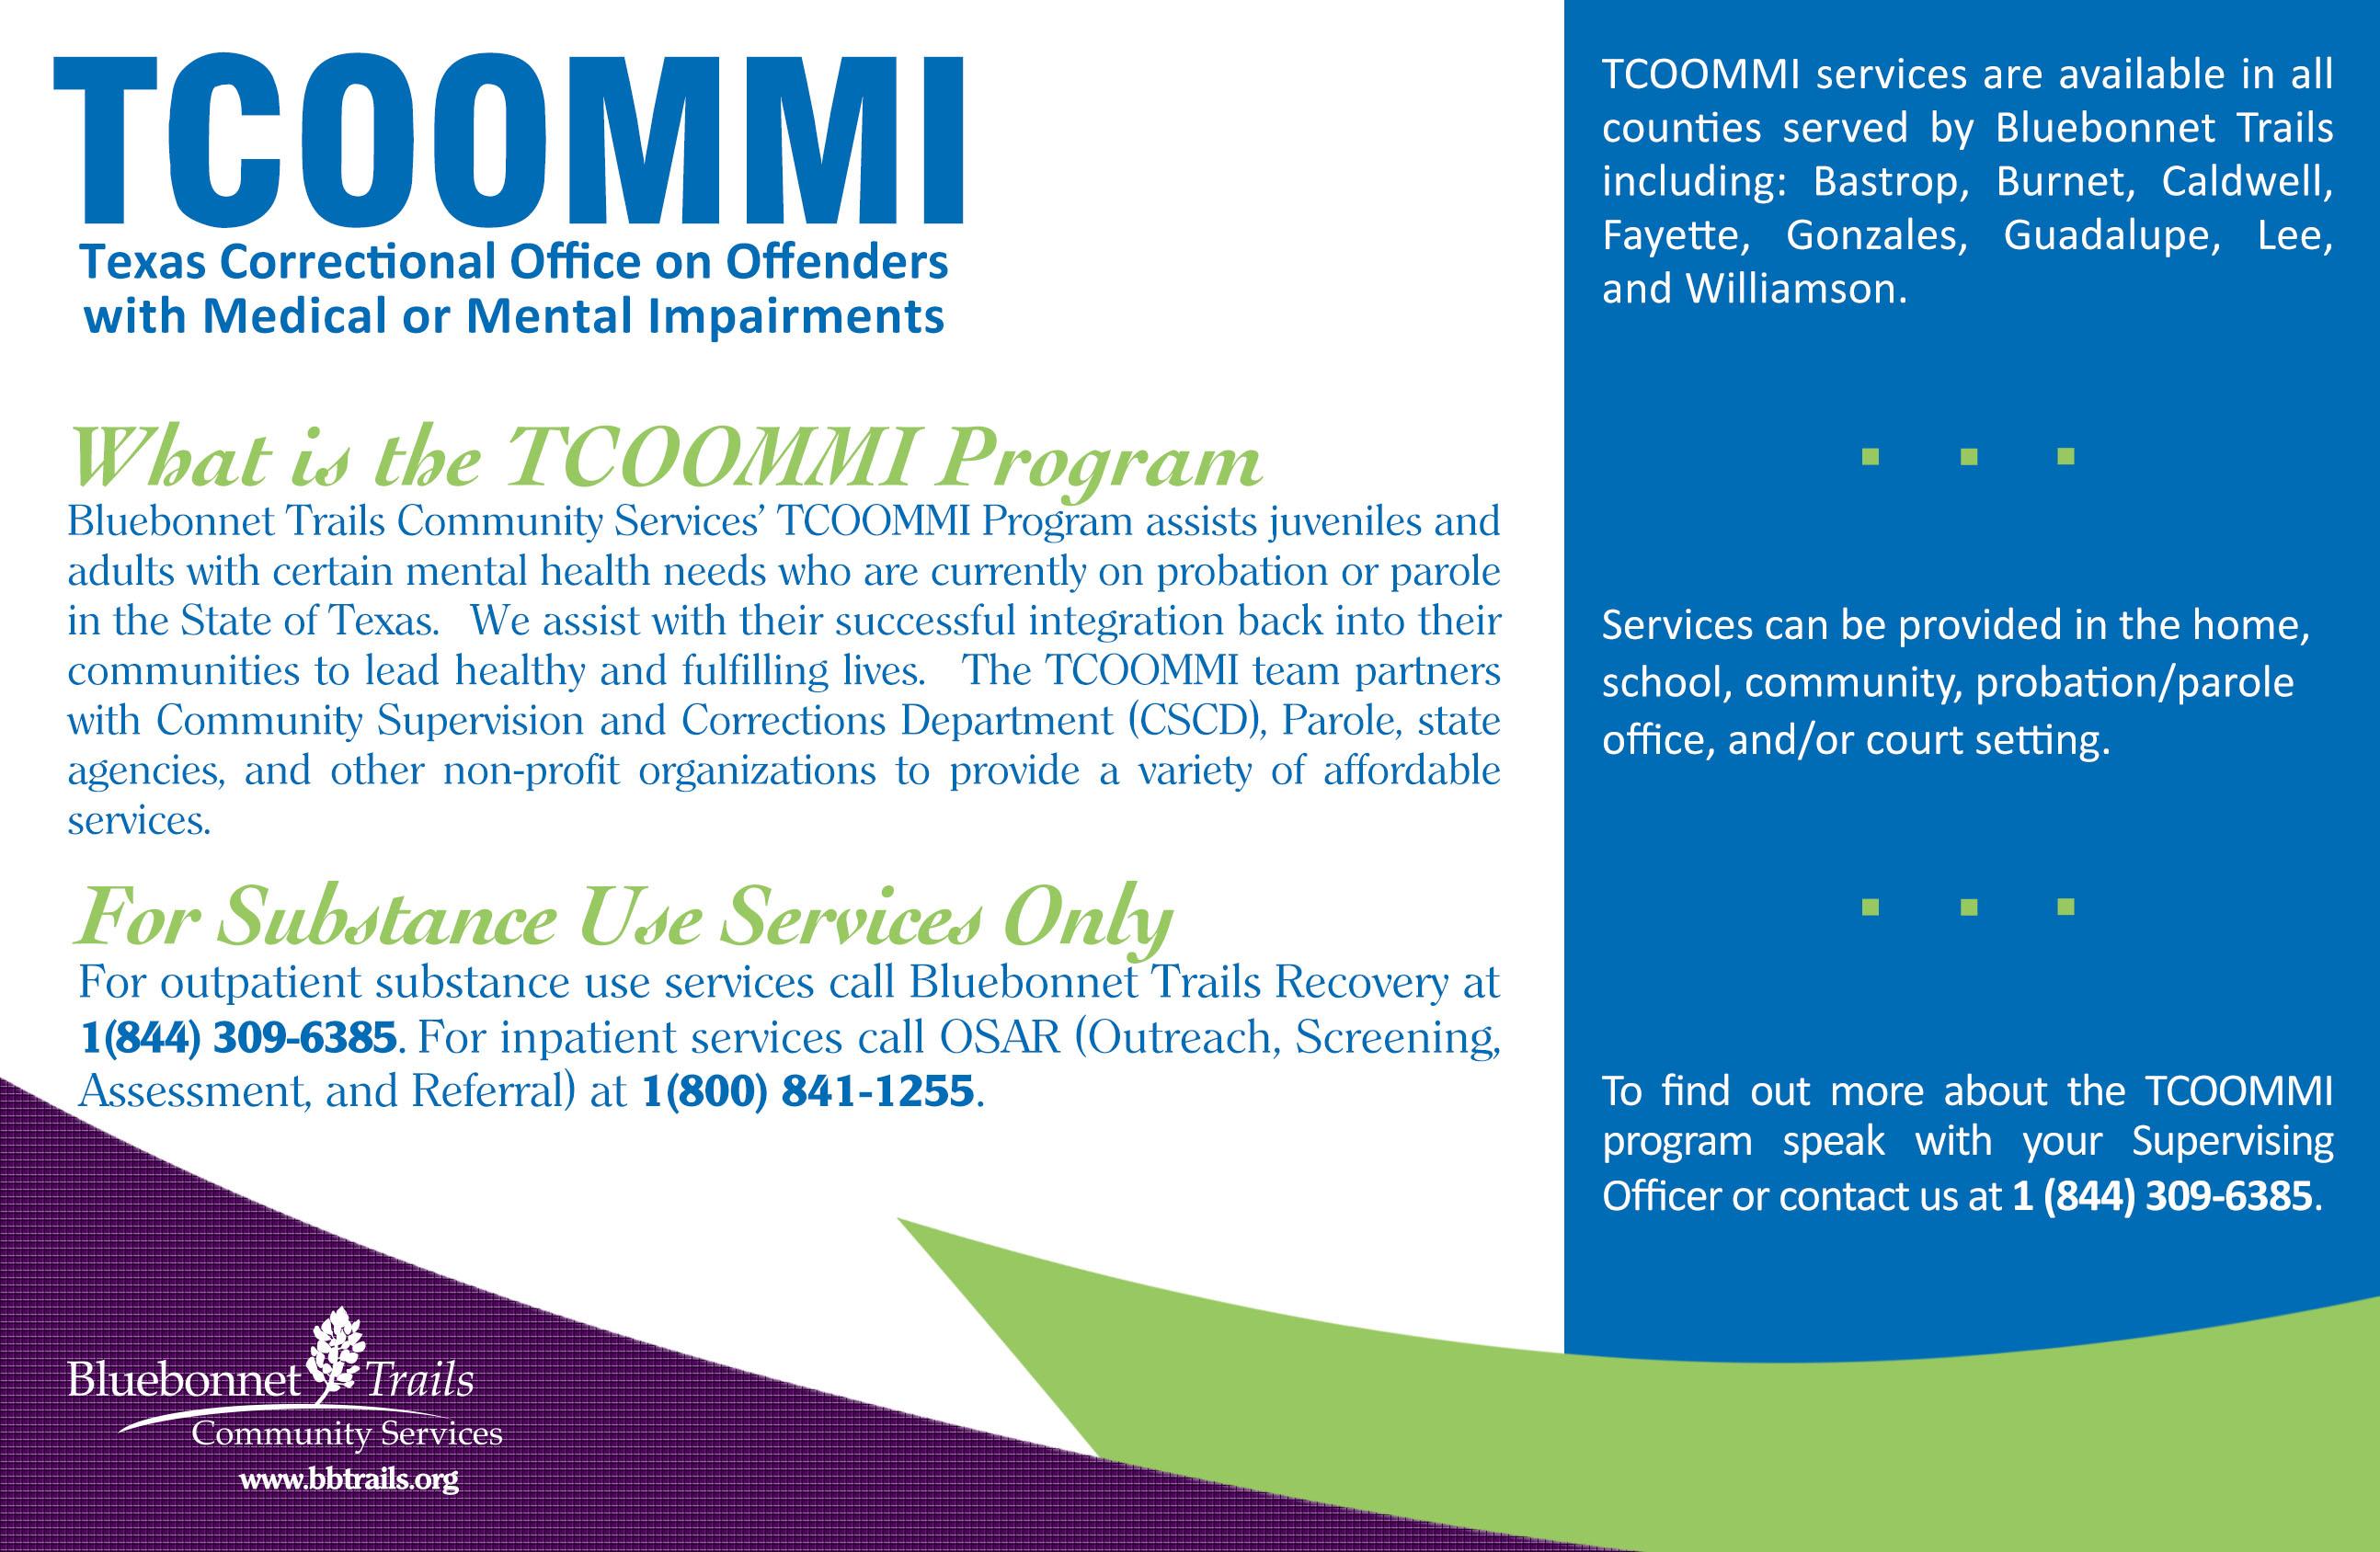 parole services Adult authority community